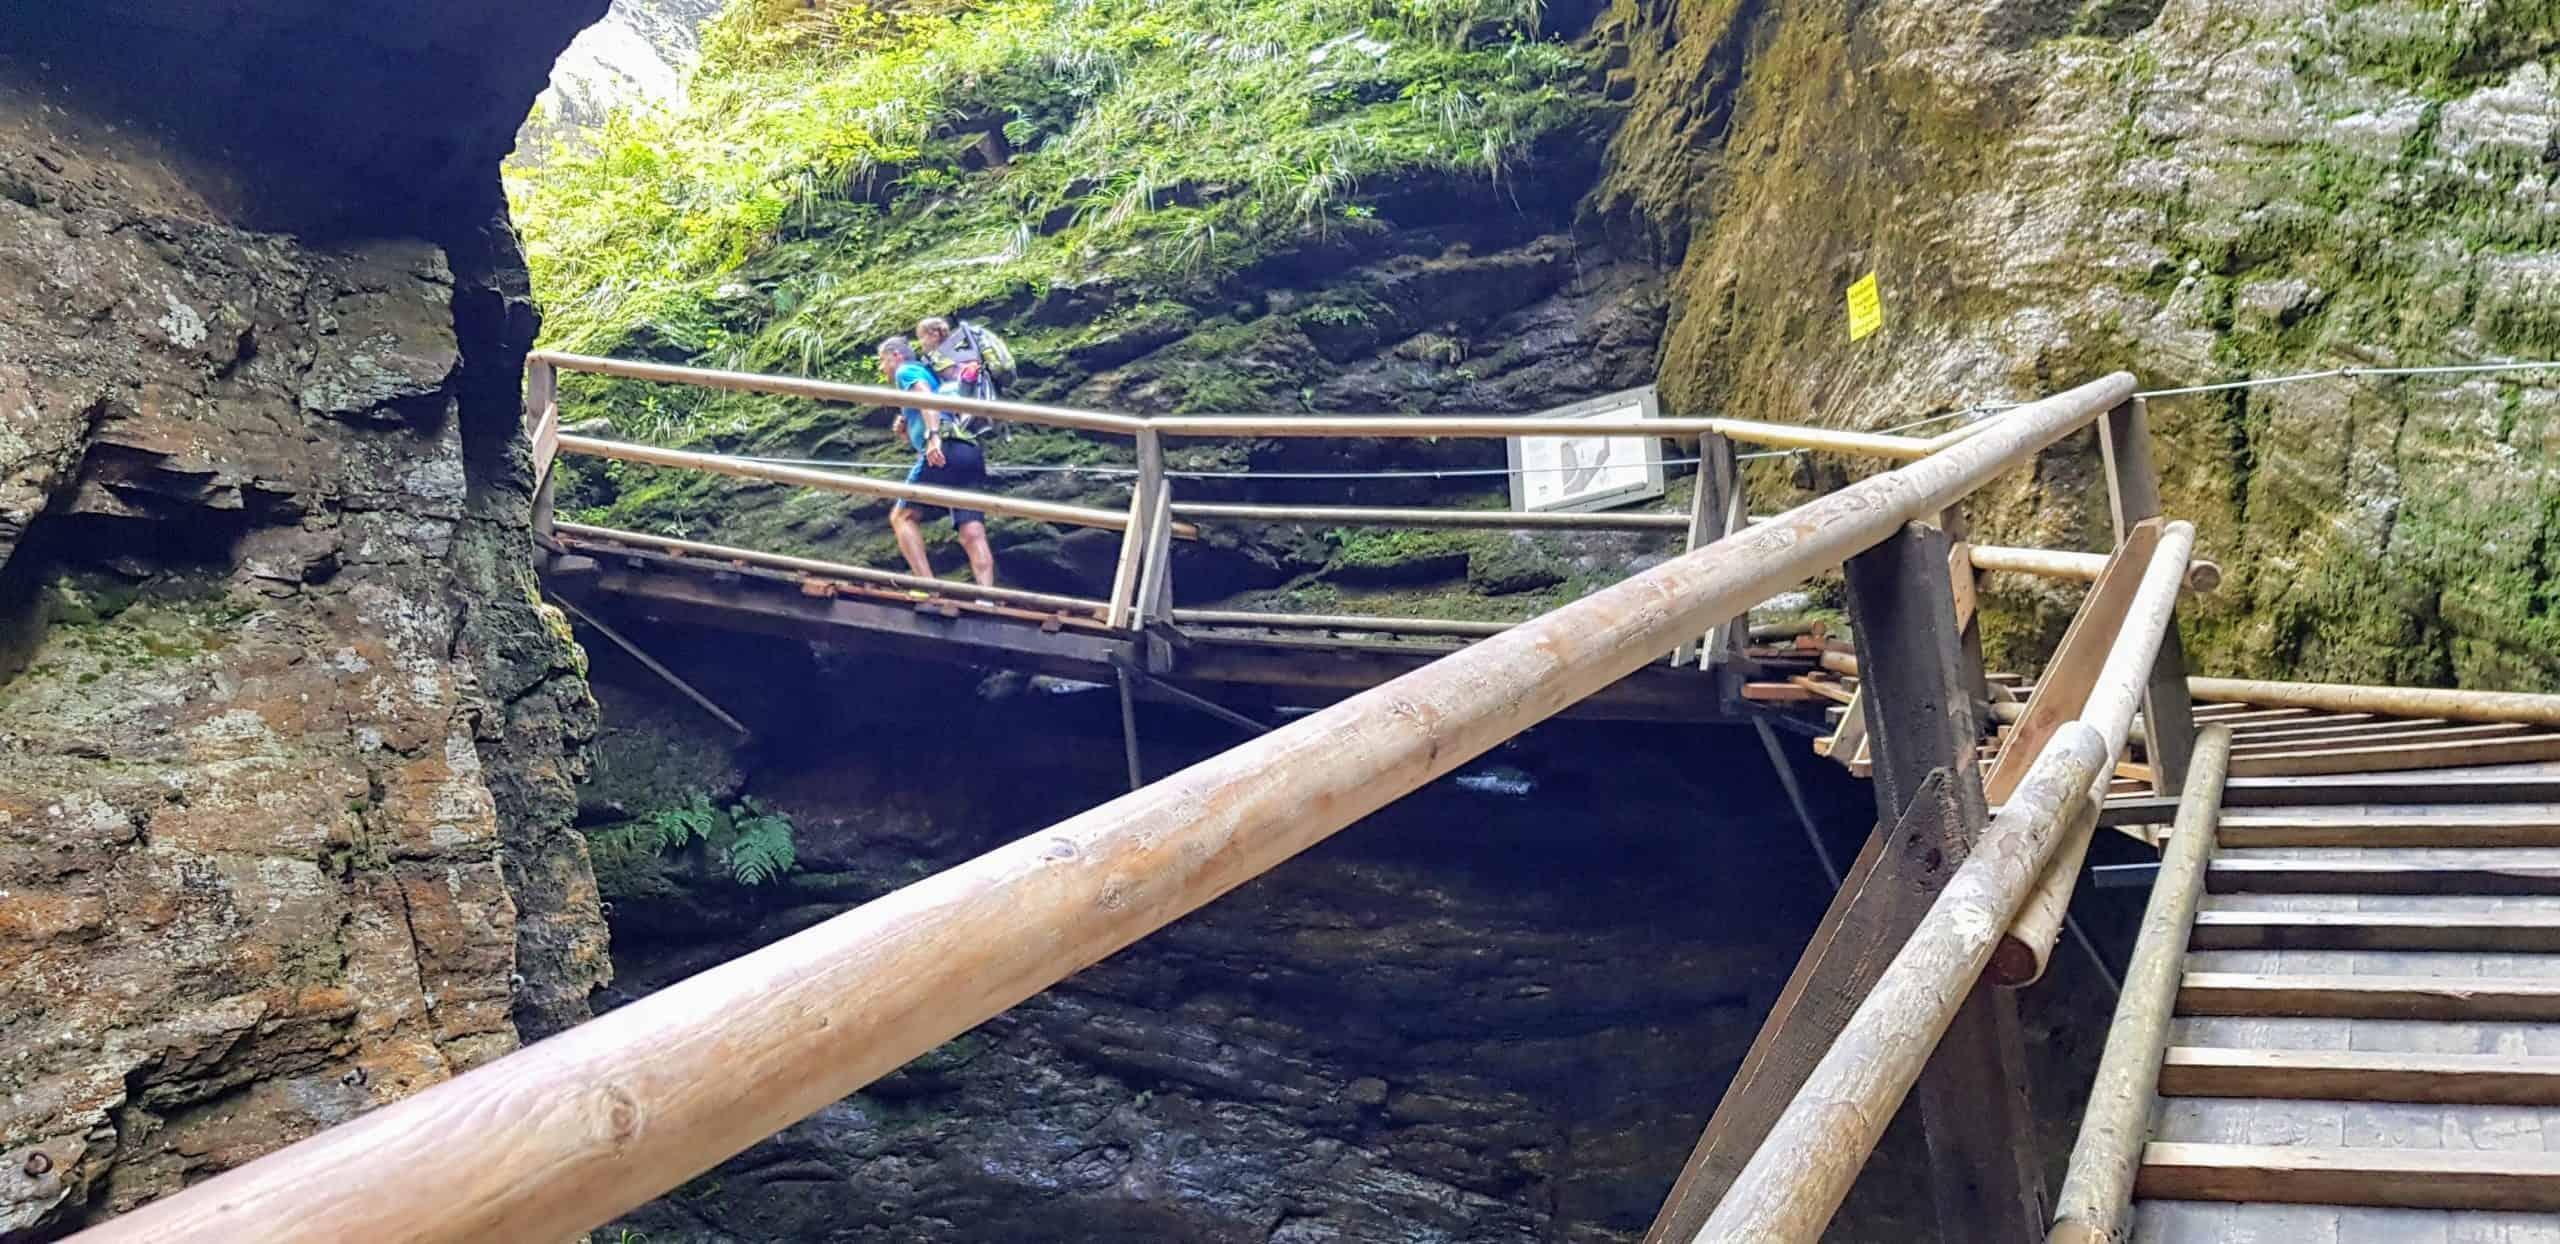 Raggaschlucht in Kärnten - Nationalpark Hohe Tauern. Sehenswürdigkeit in Österreich